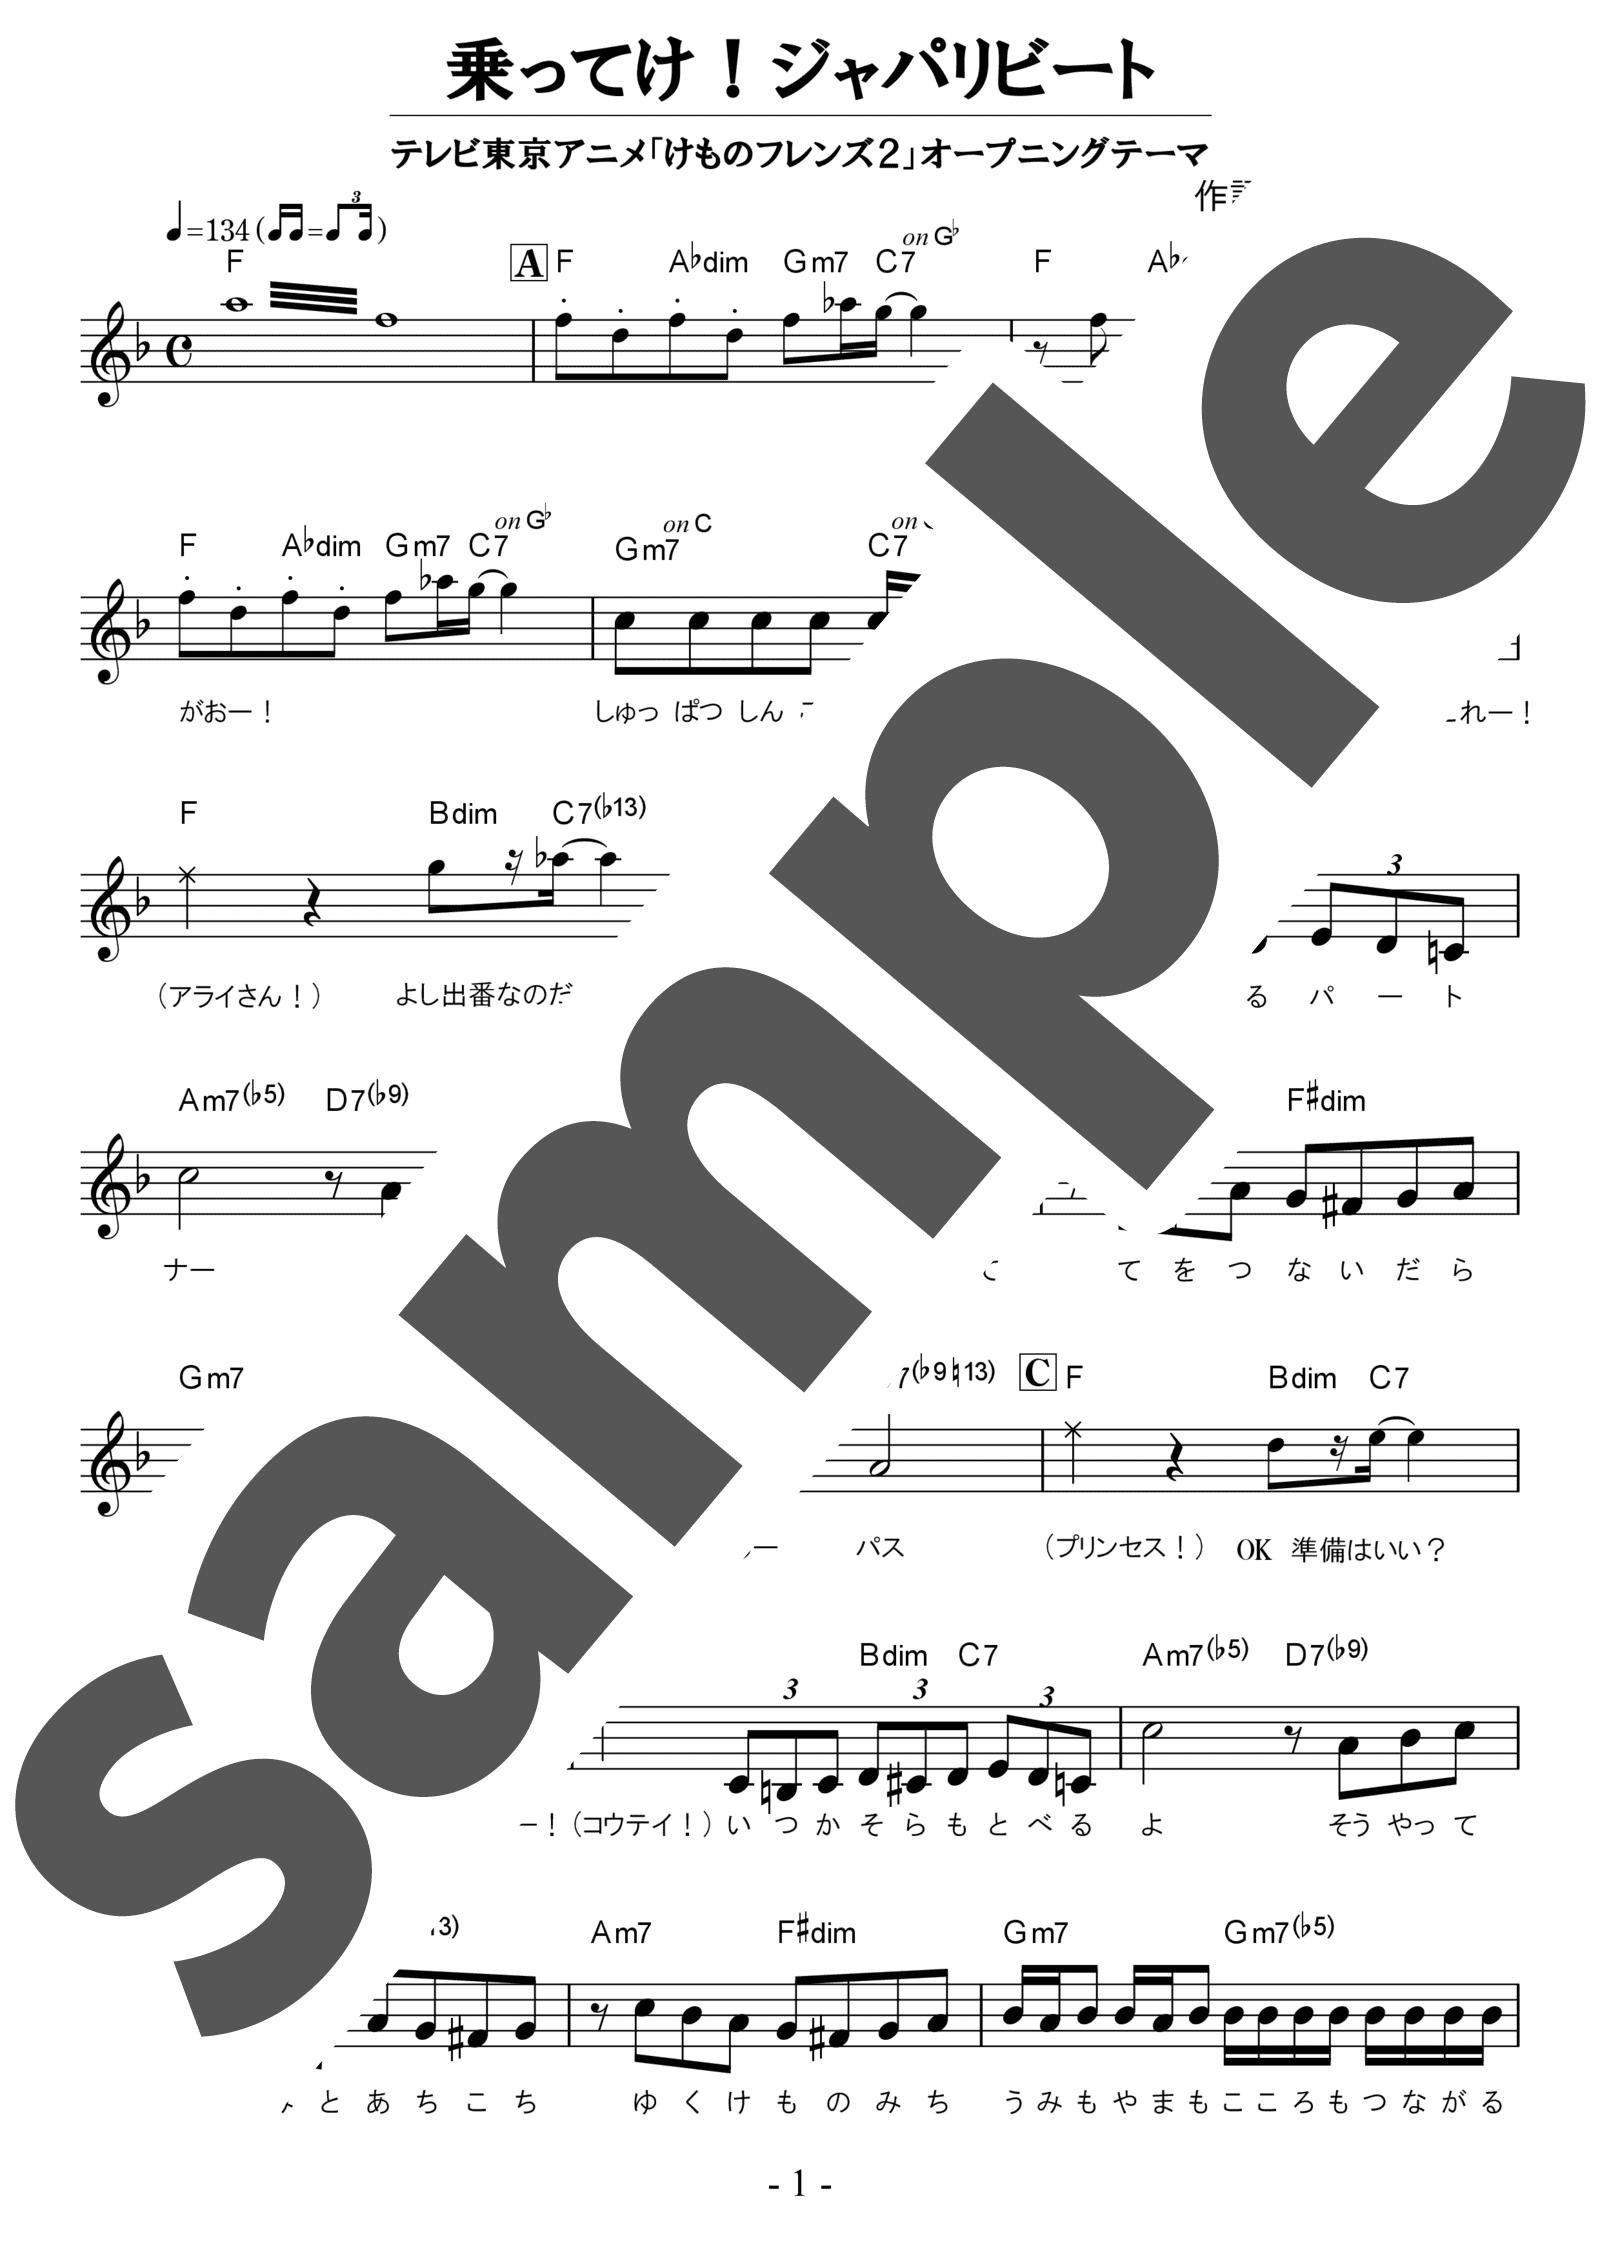 「乗ってけ!ジャパリビート」のサンプル楽譜